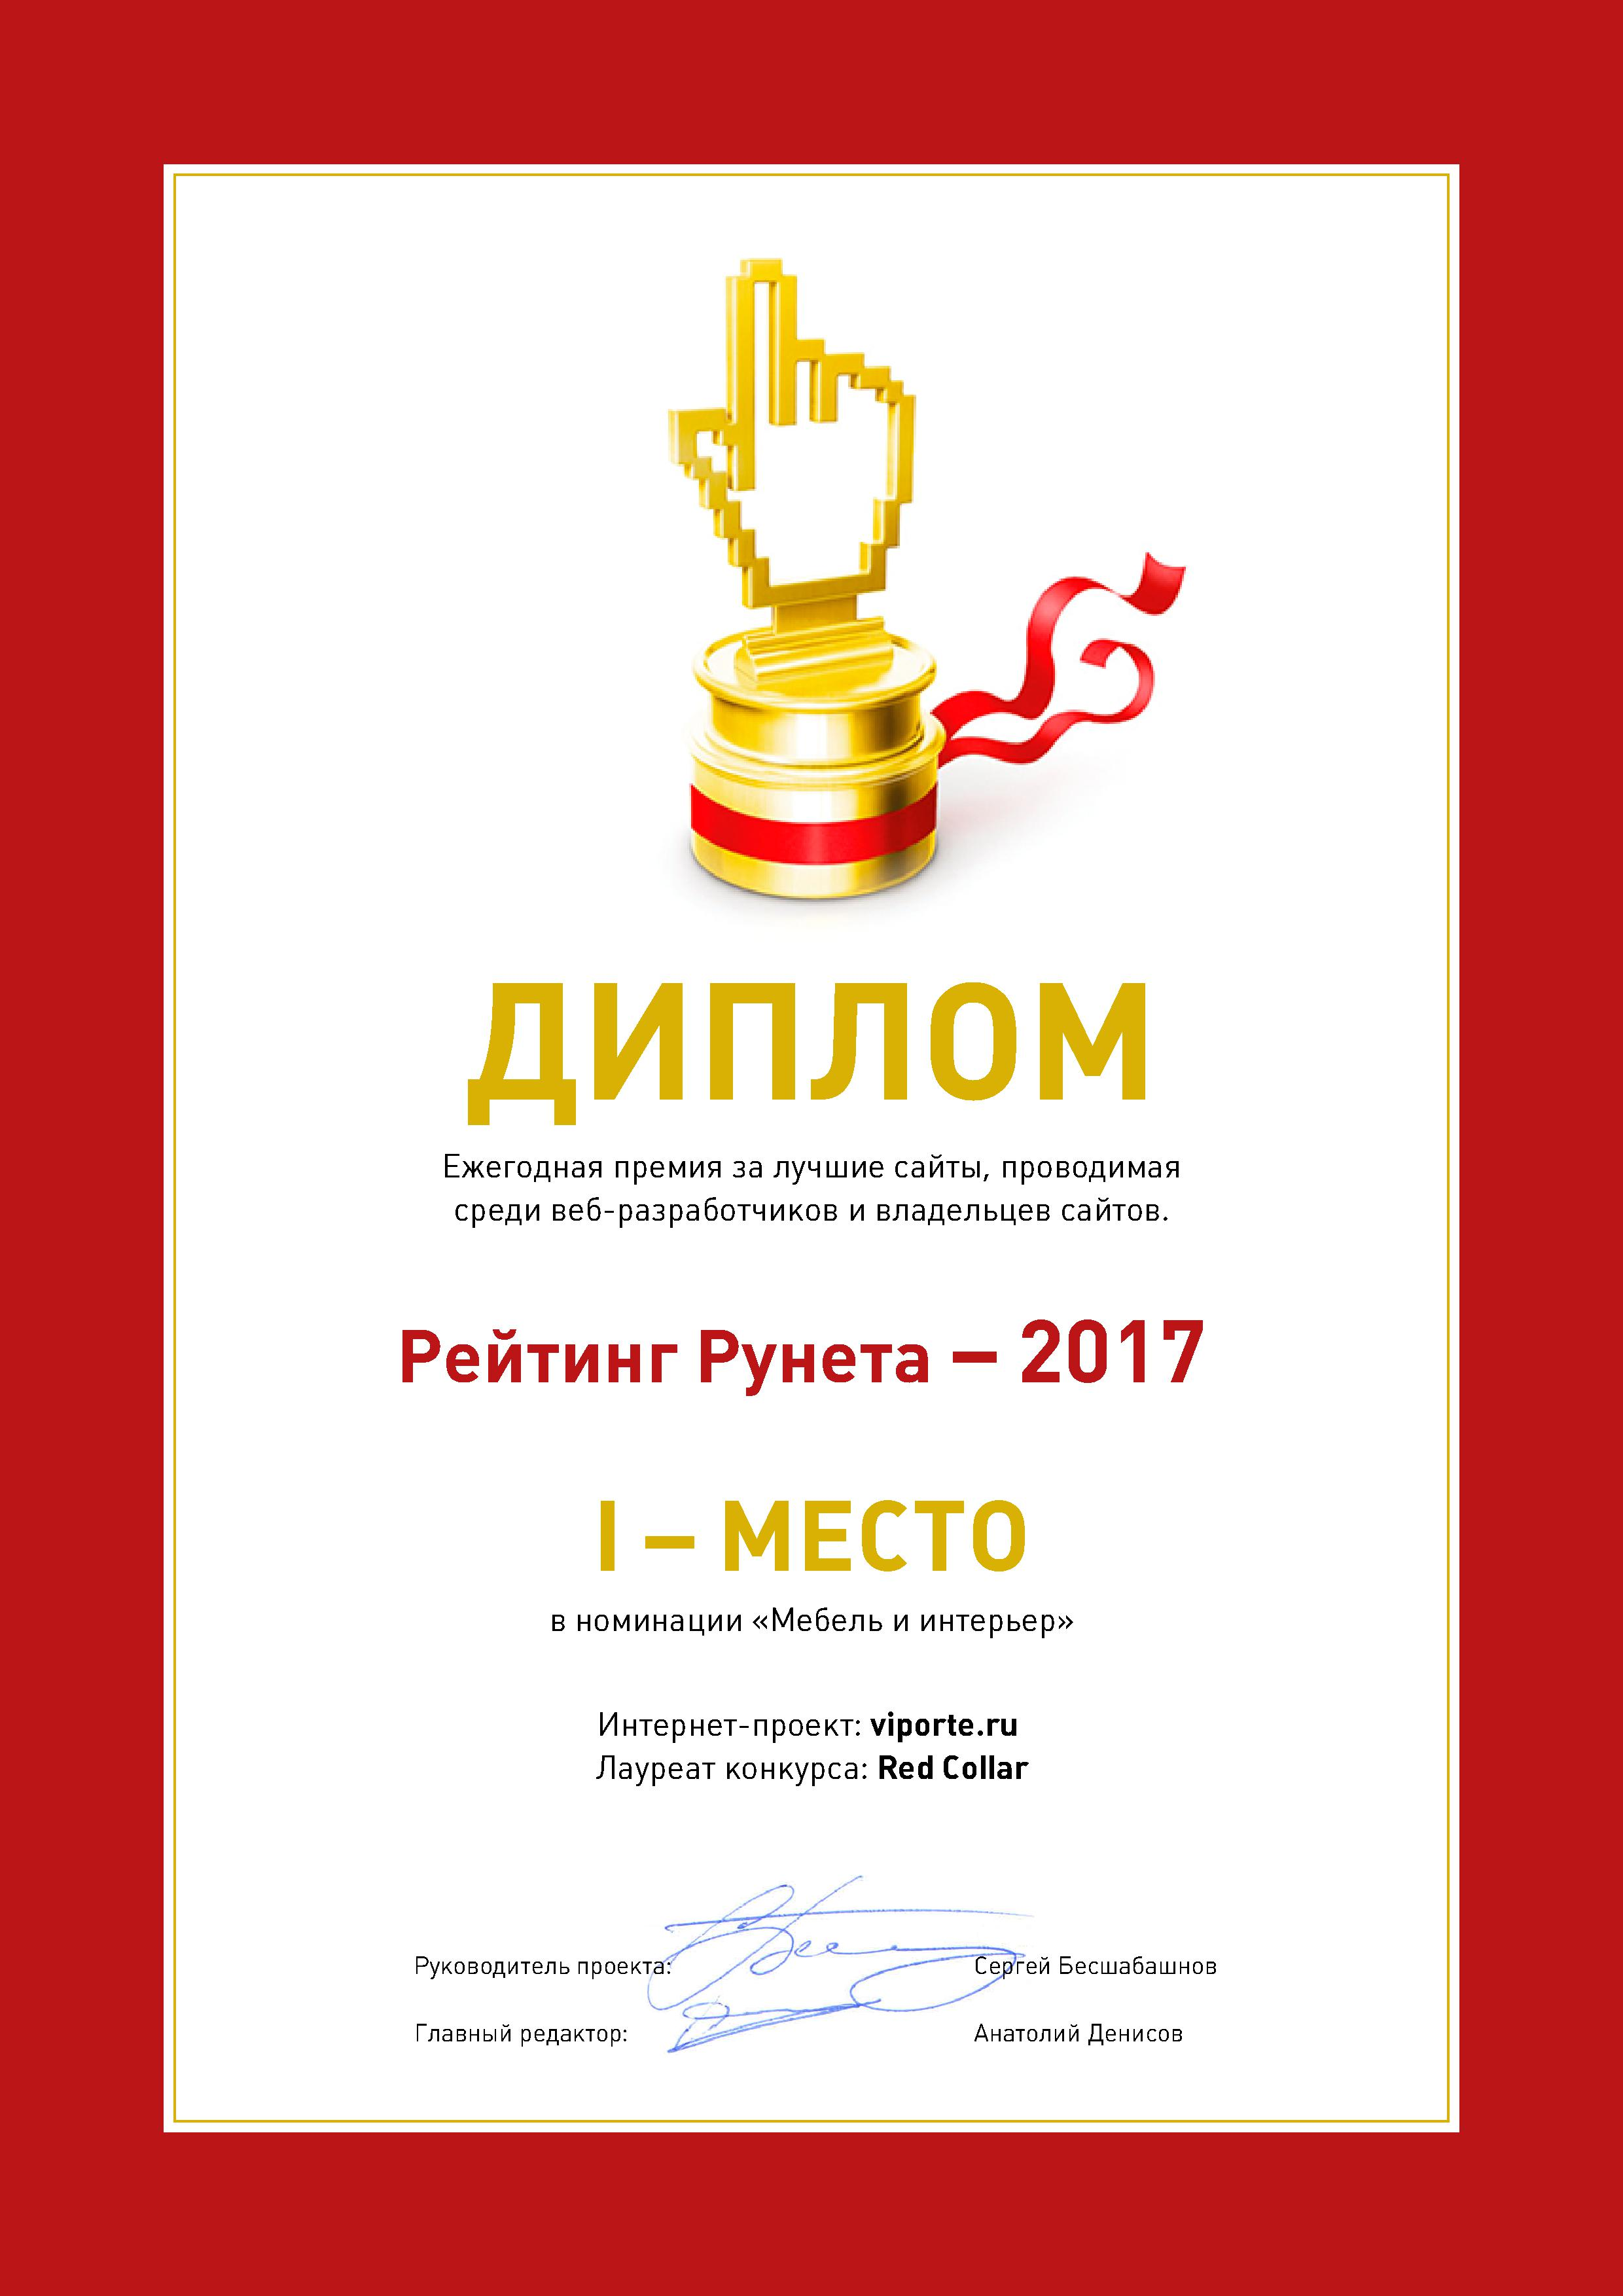 """1 место премии """"Рейтинг Рунета"""""""